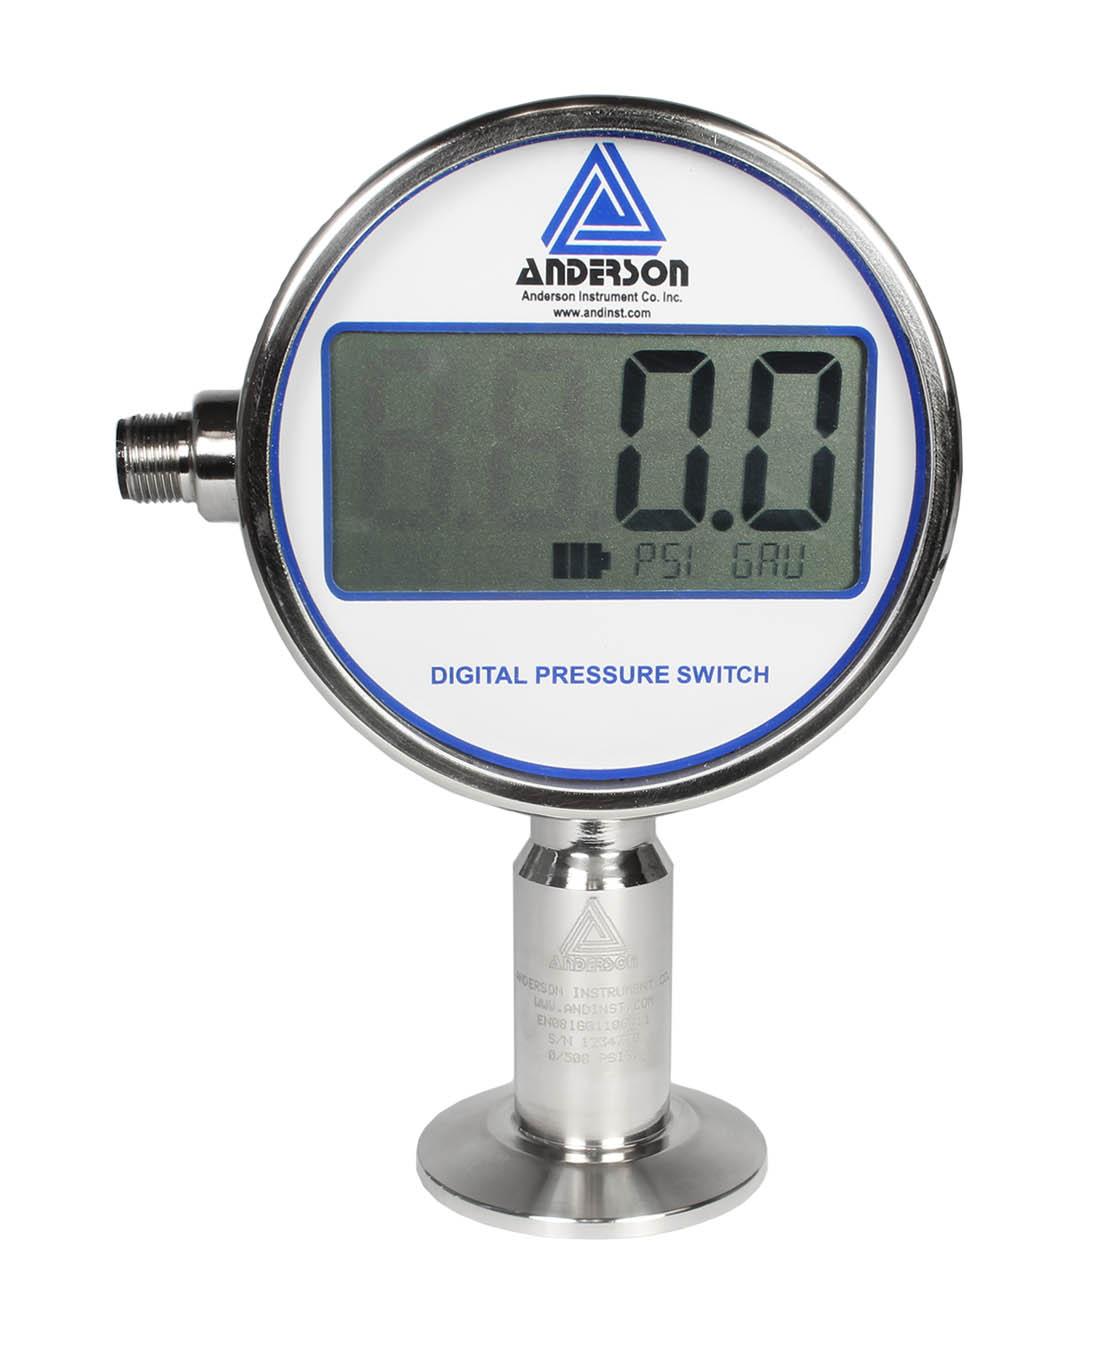 EN Digital Pressure Gauge/Switch - Pressure Sensors - Img 1 - Anderson-Negele